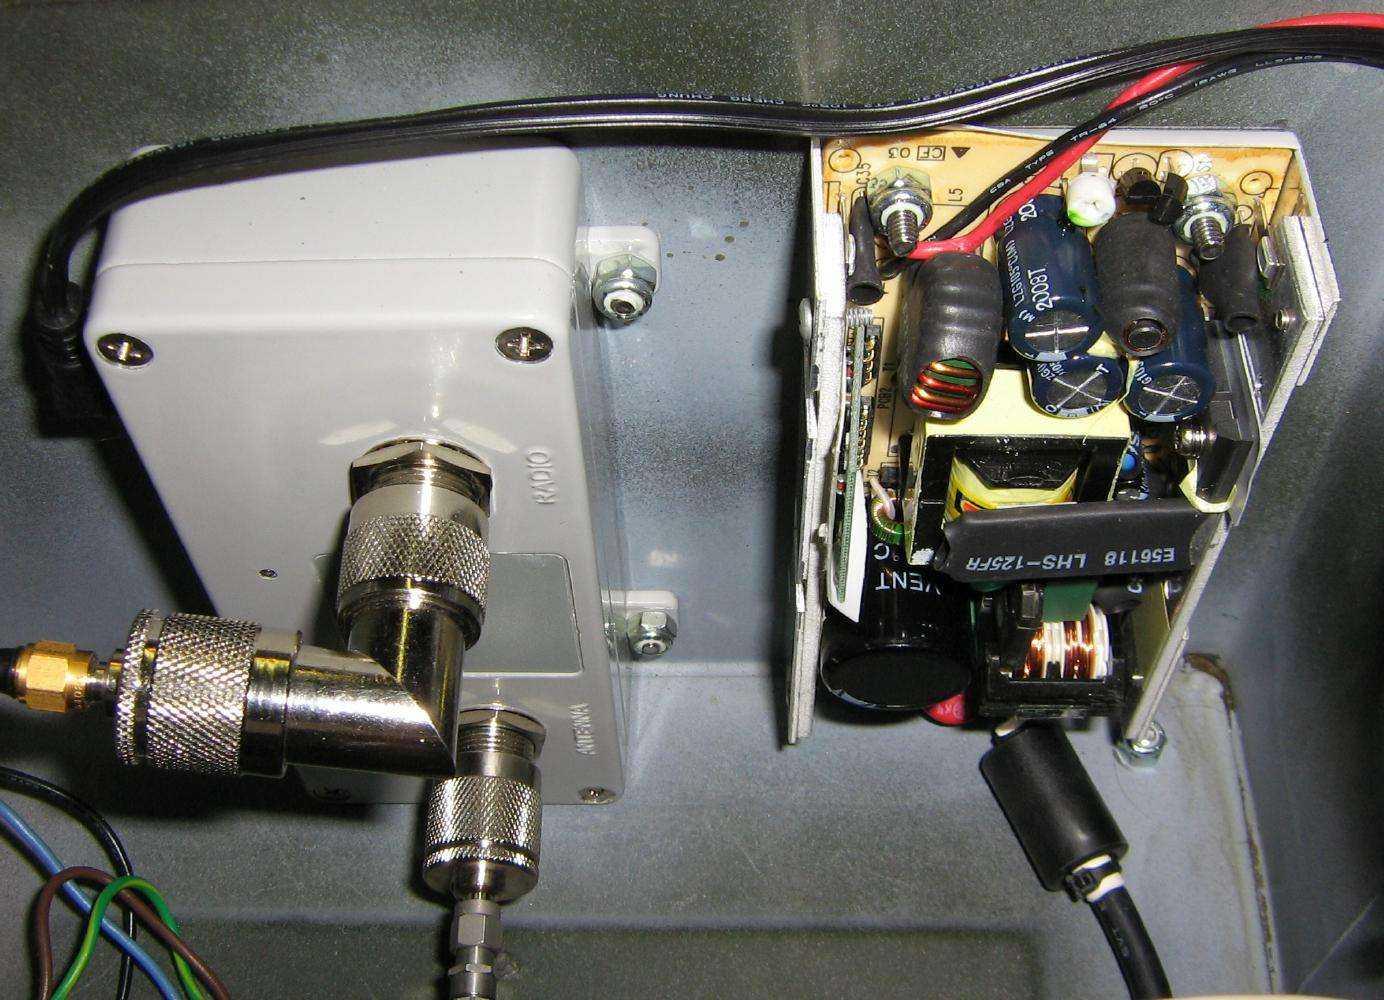 AeroComm CL4490 Experiments